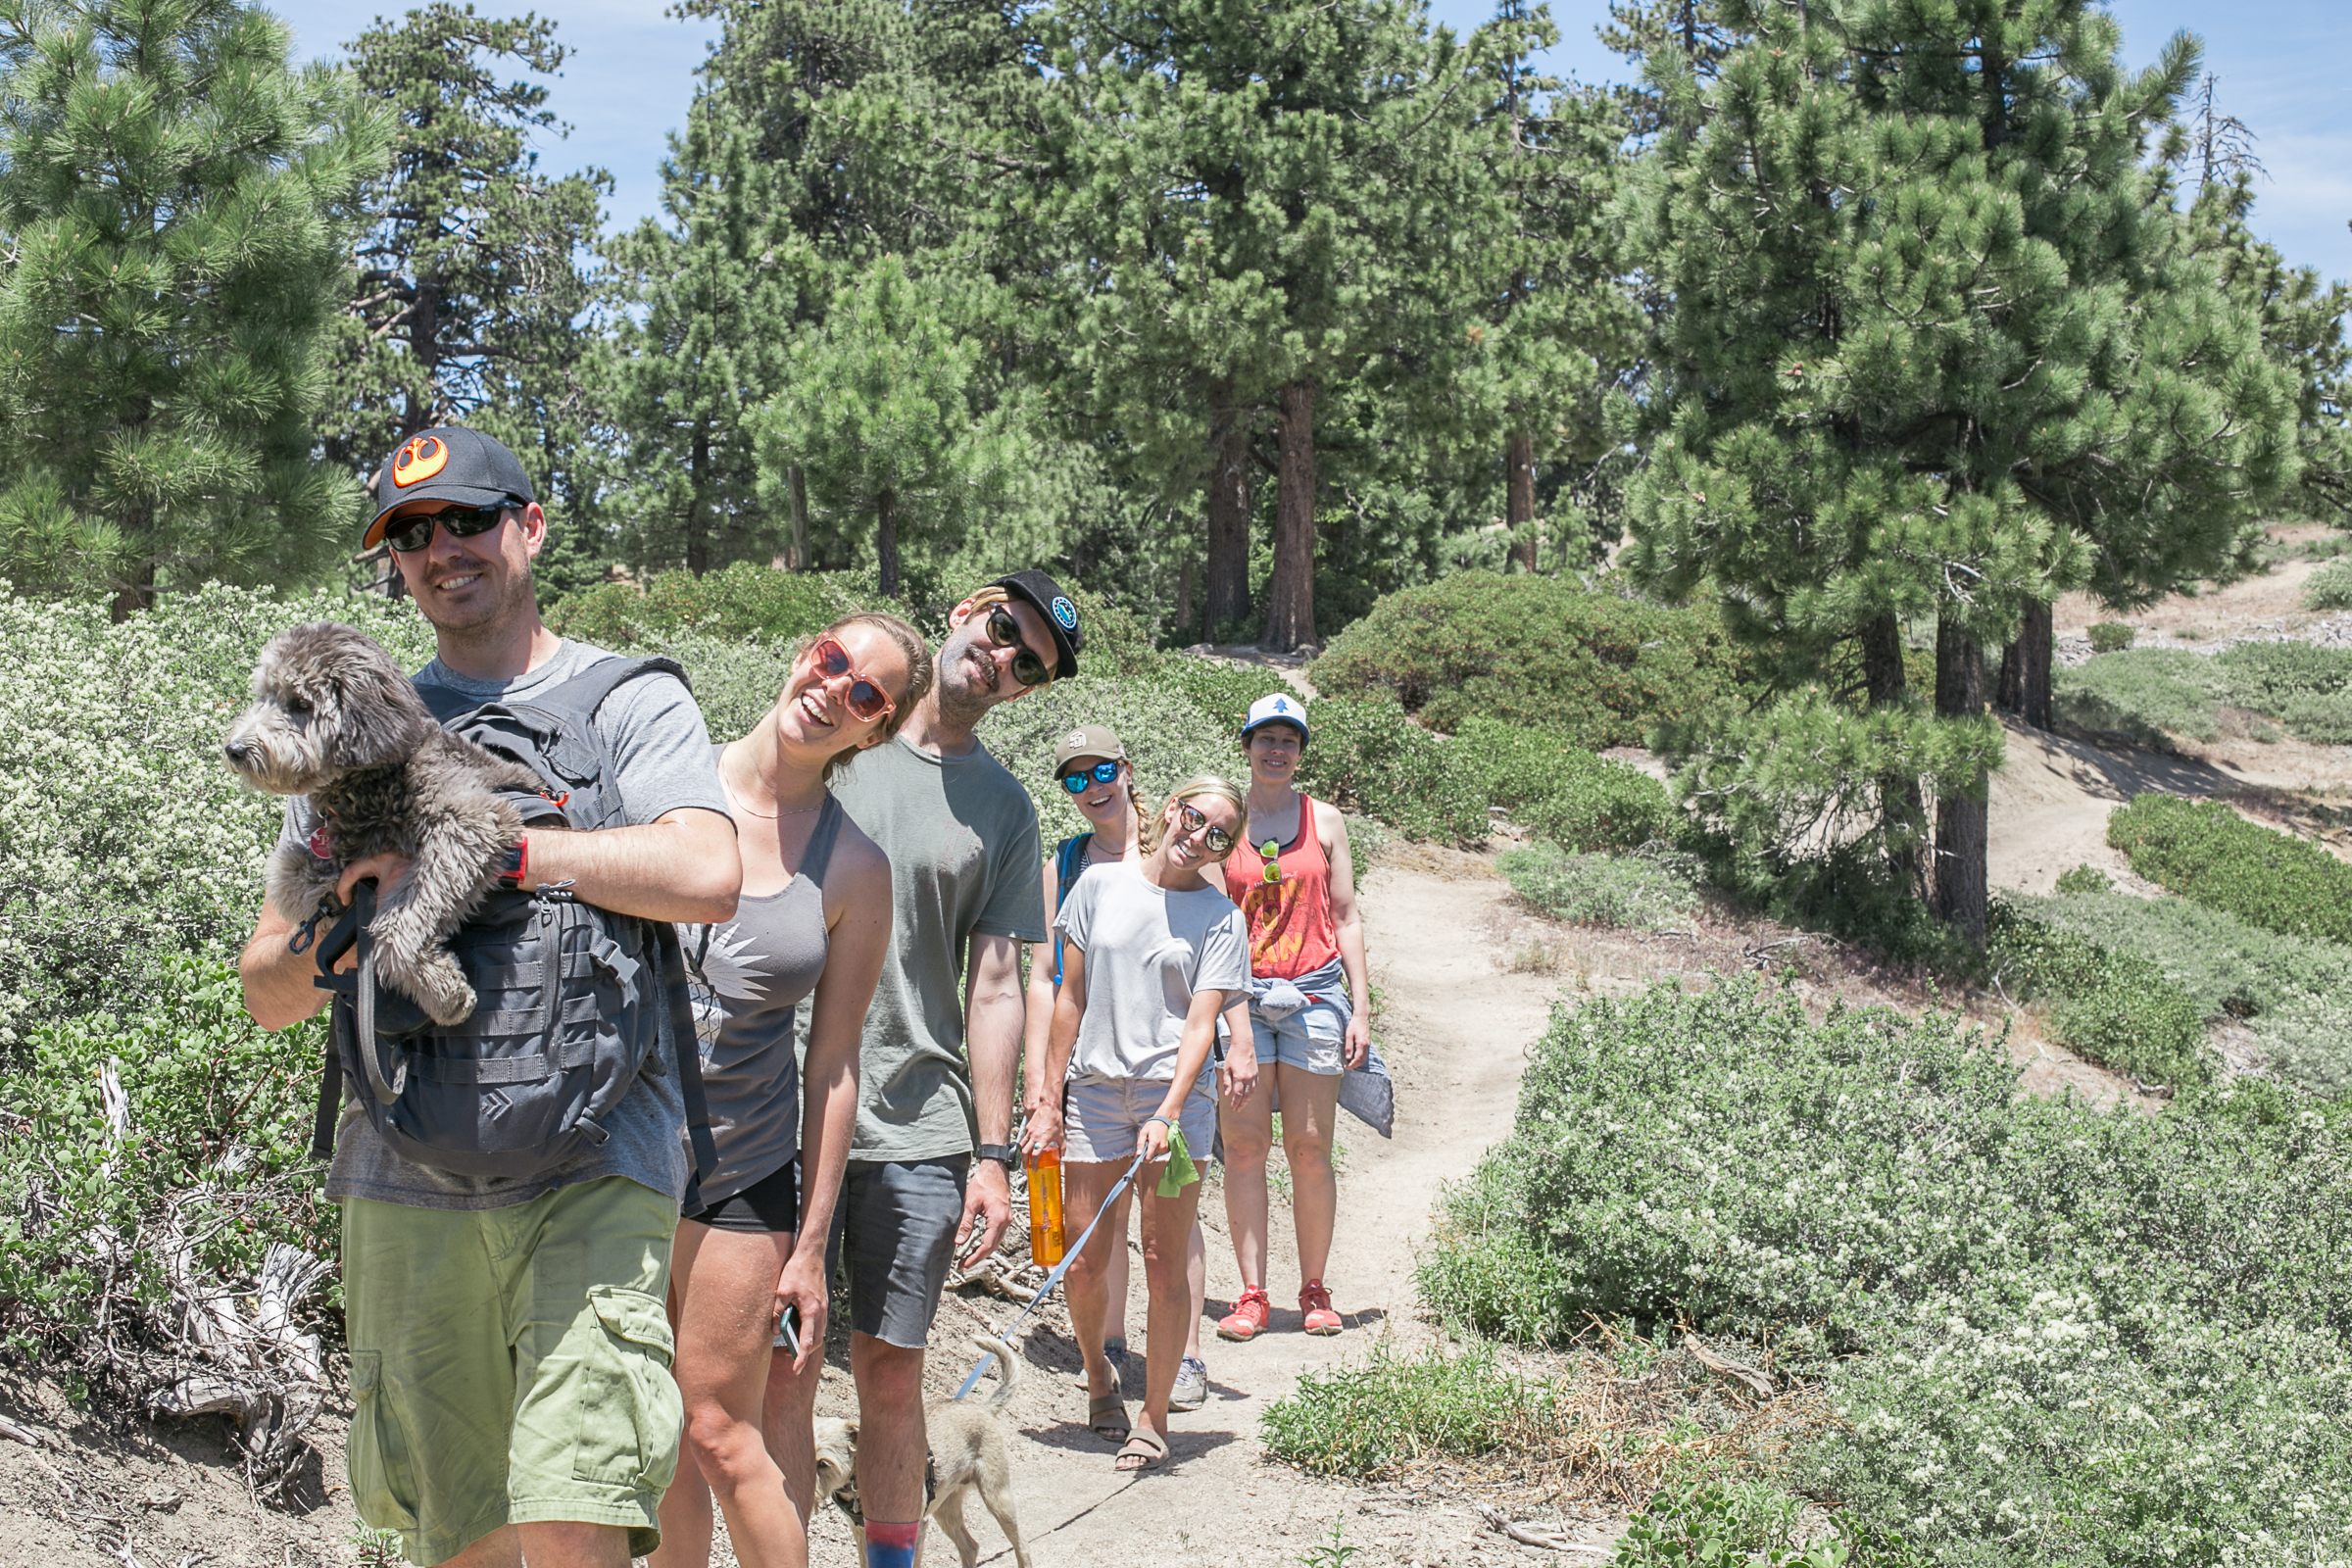 Big Bear_Lake_Camping_Trip_2017-16.jpg